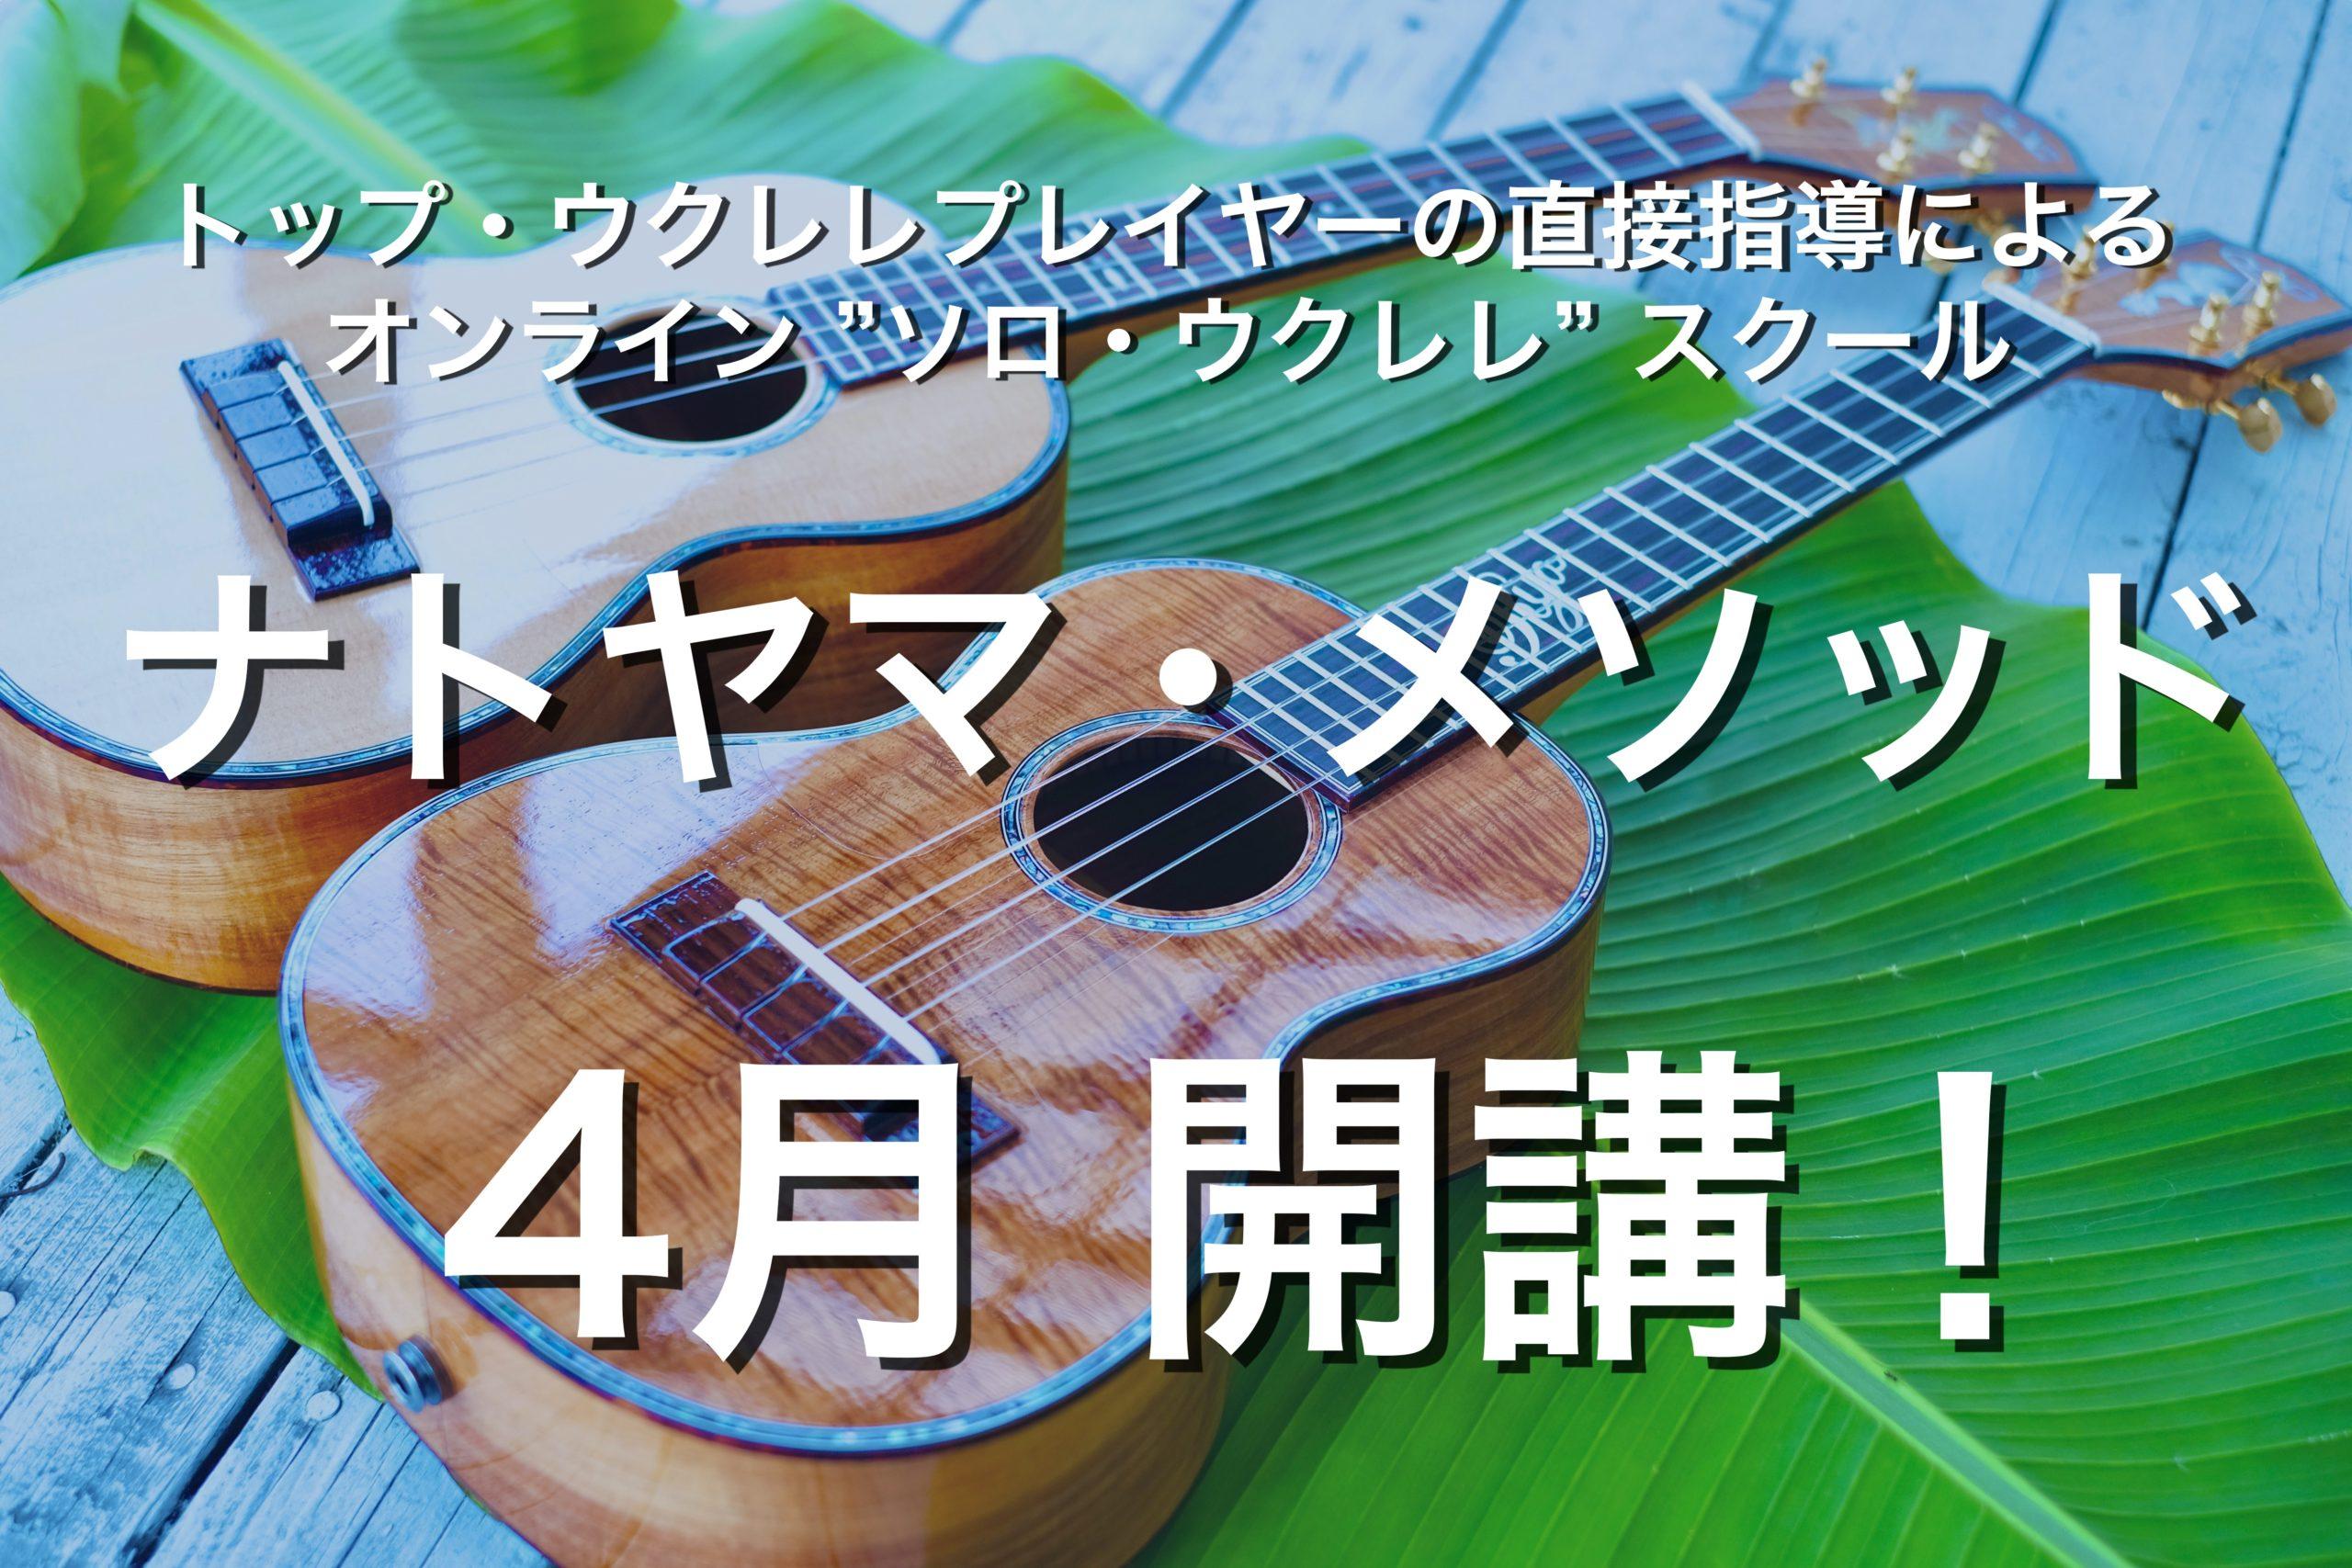 名渡山遼 による ソロ・ウクレレ 教育 プロジェクト「 ナトヤマ・メソッド 」始動!